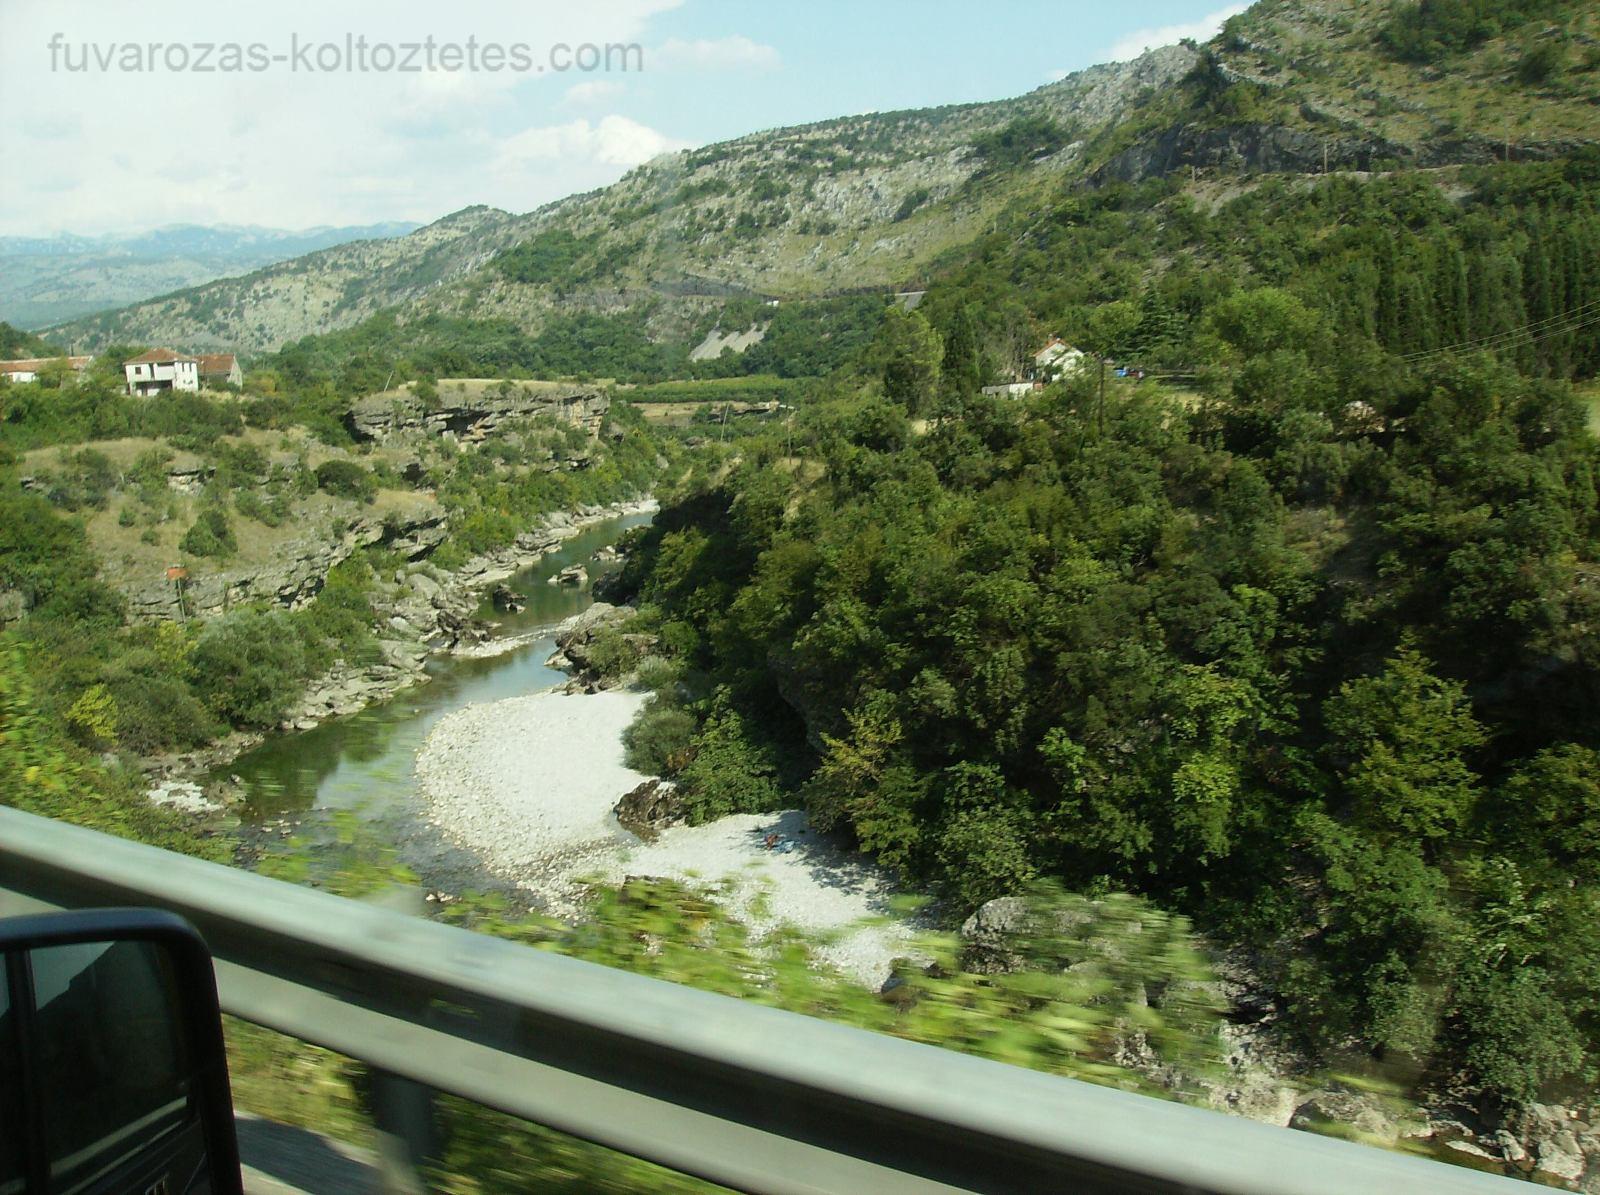 Szerbiában, a Dinári-hegységben.